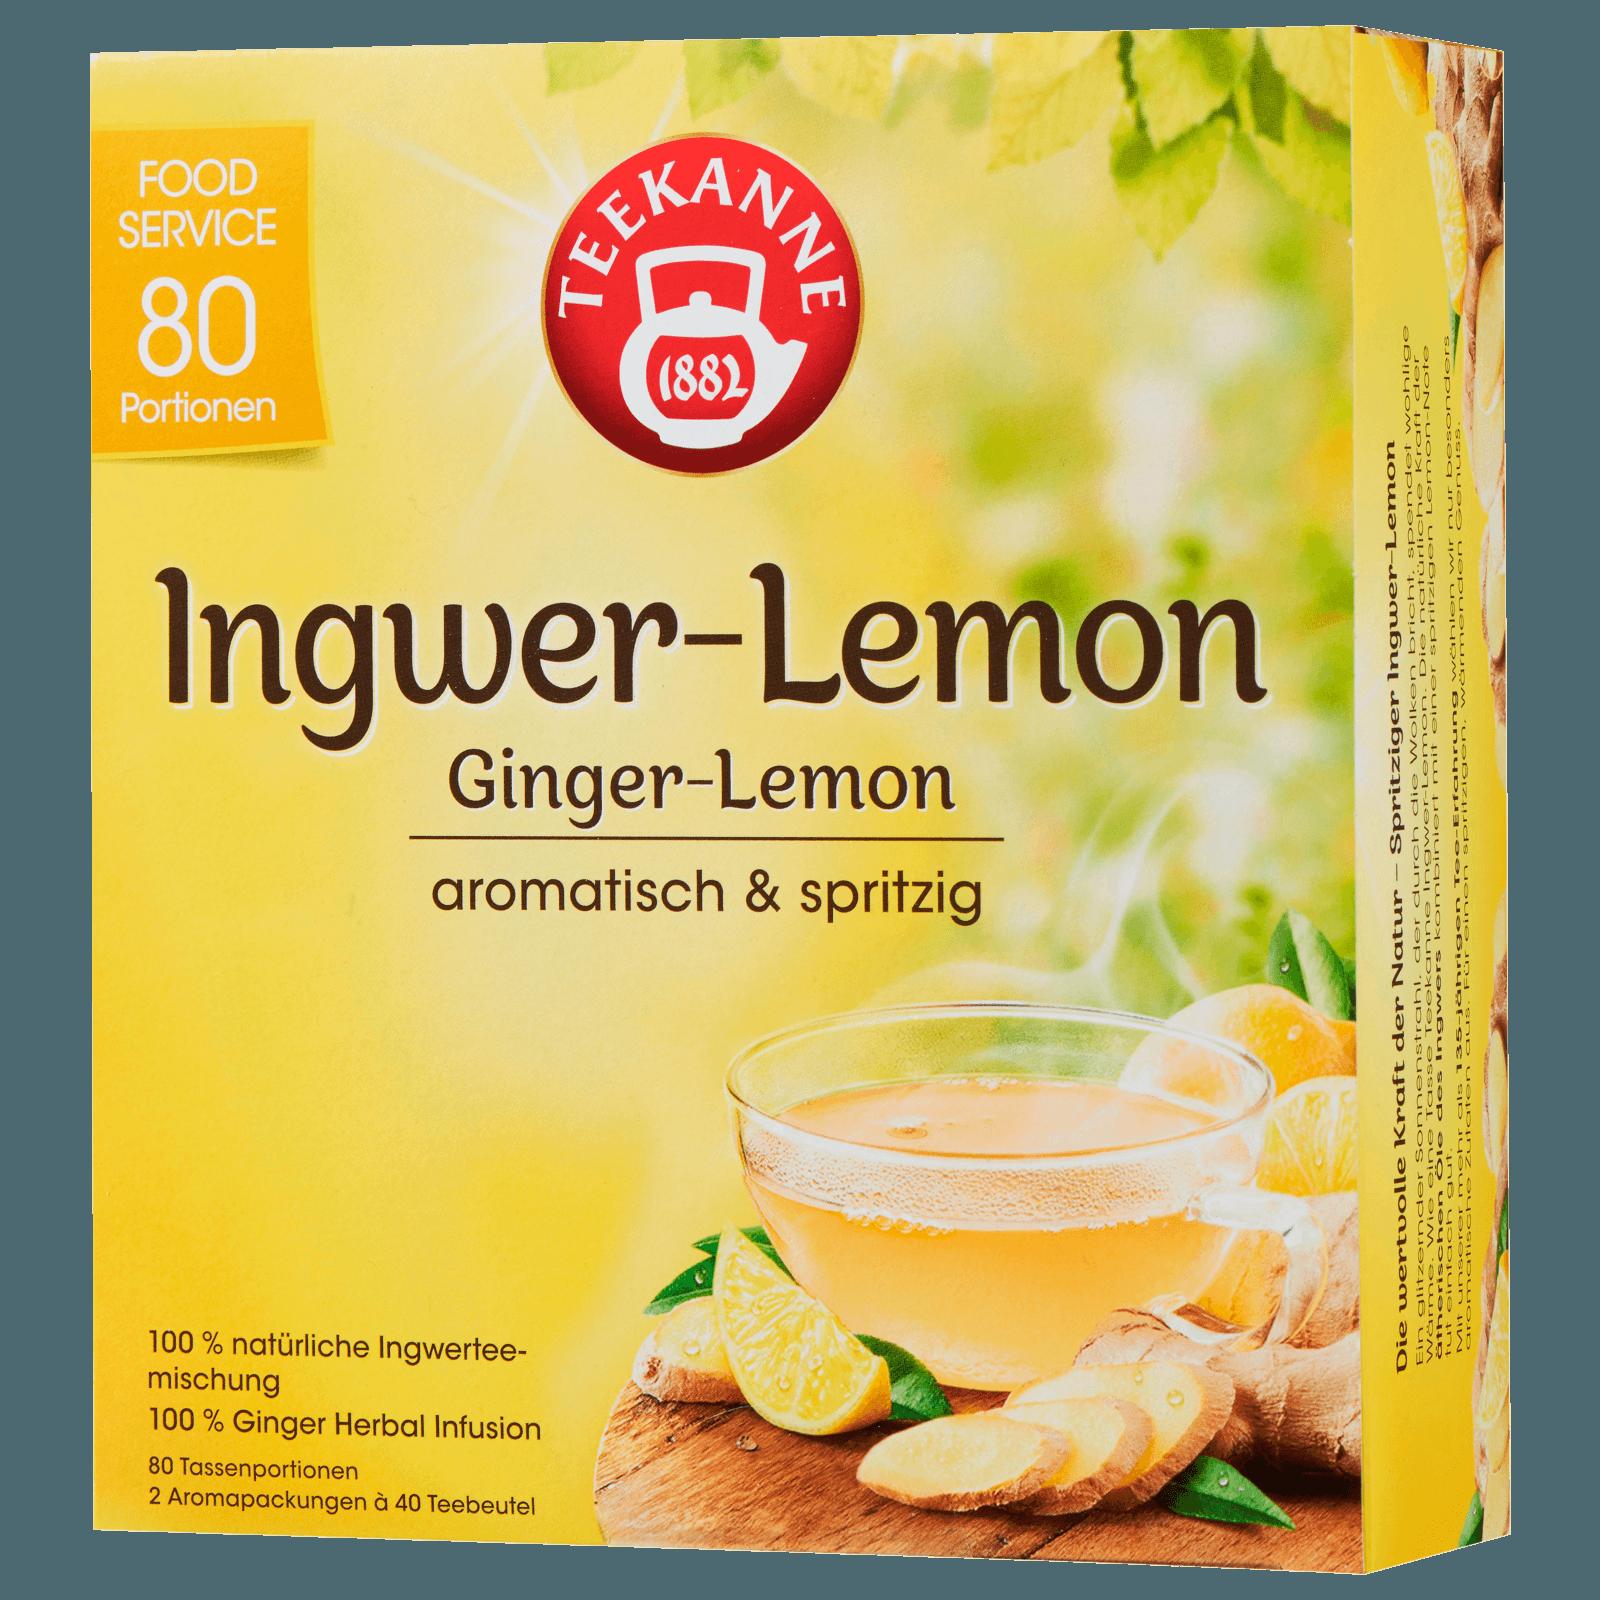 Teekanne Ingwer-Lemon 120g, 80 Stück